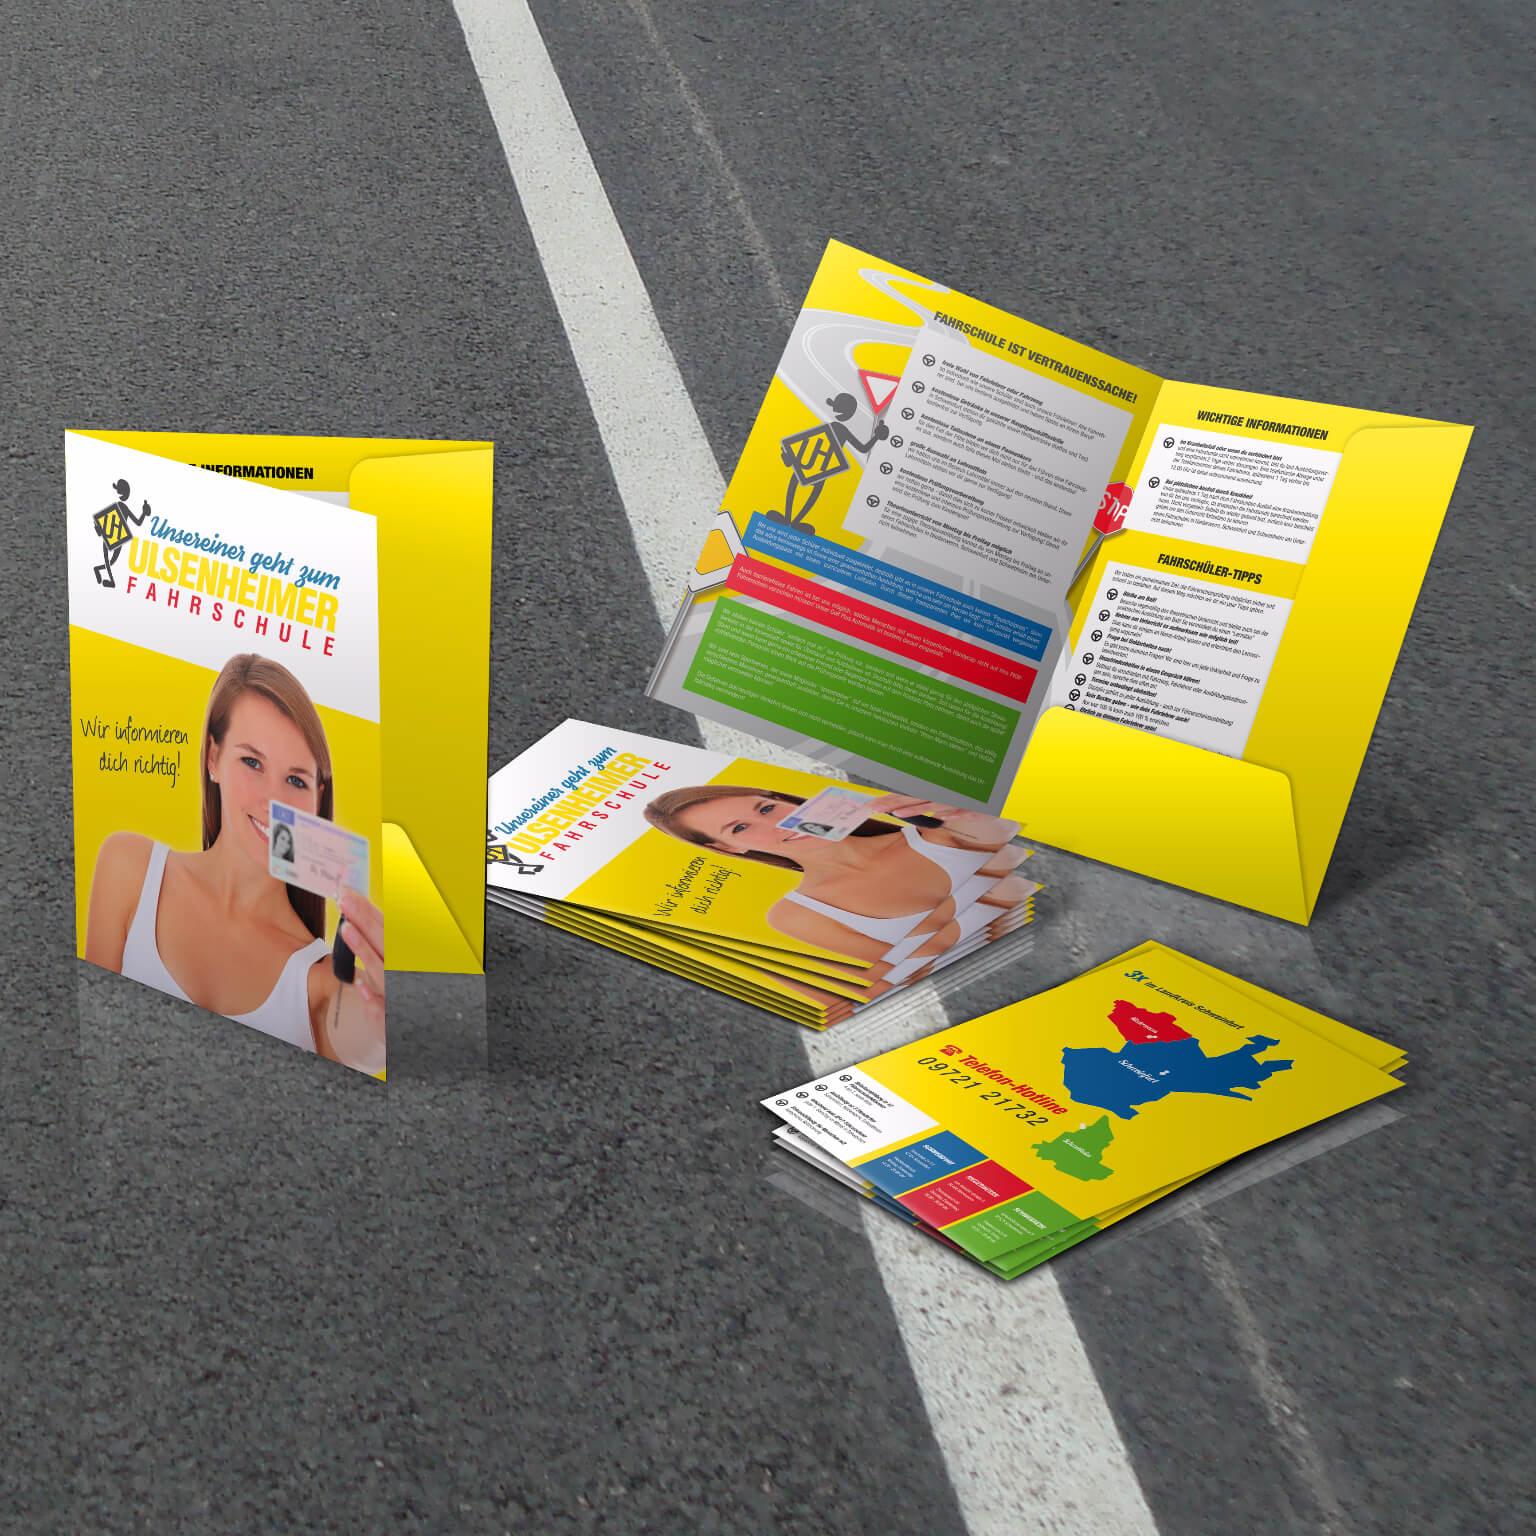 Referenzen galano werbeagentur schweinfurt for Mappe produktdesign